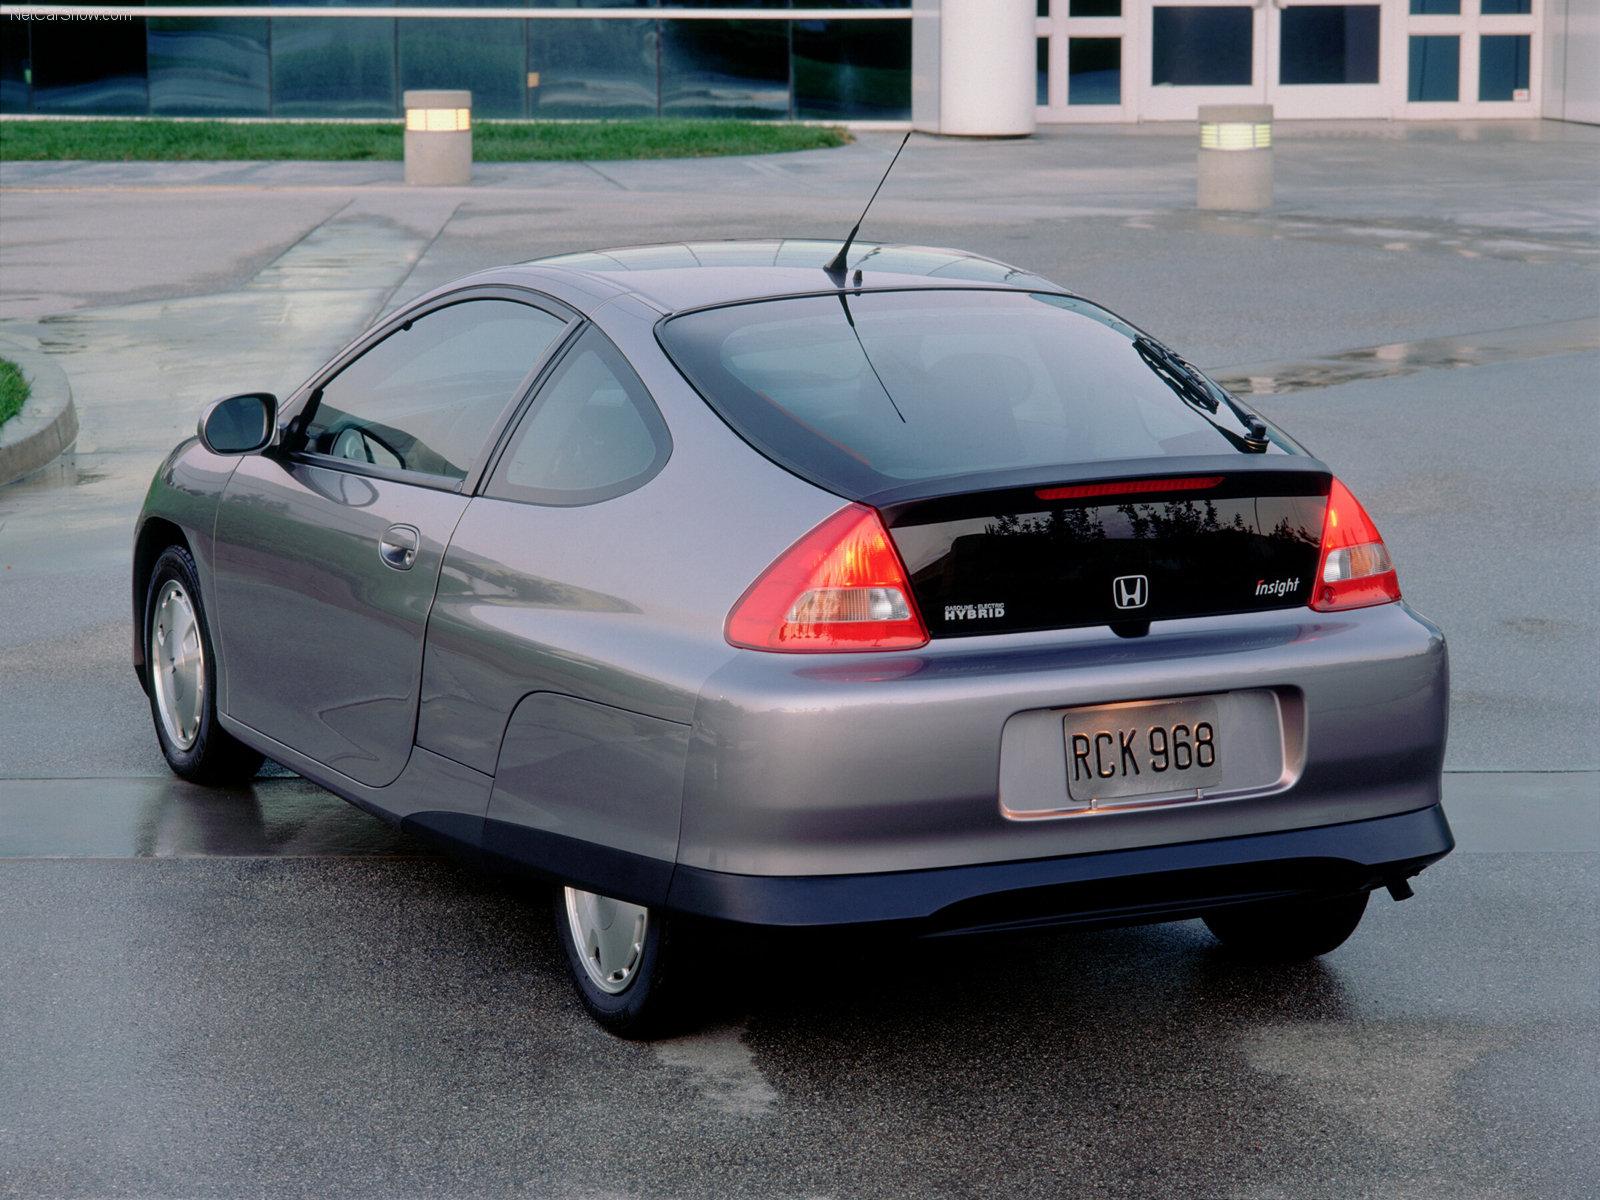 2000 Honda Insight rear 3/4